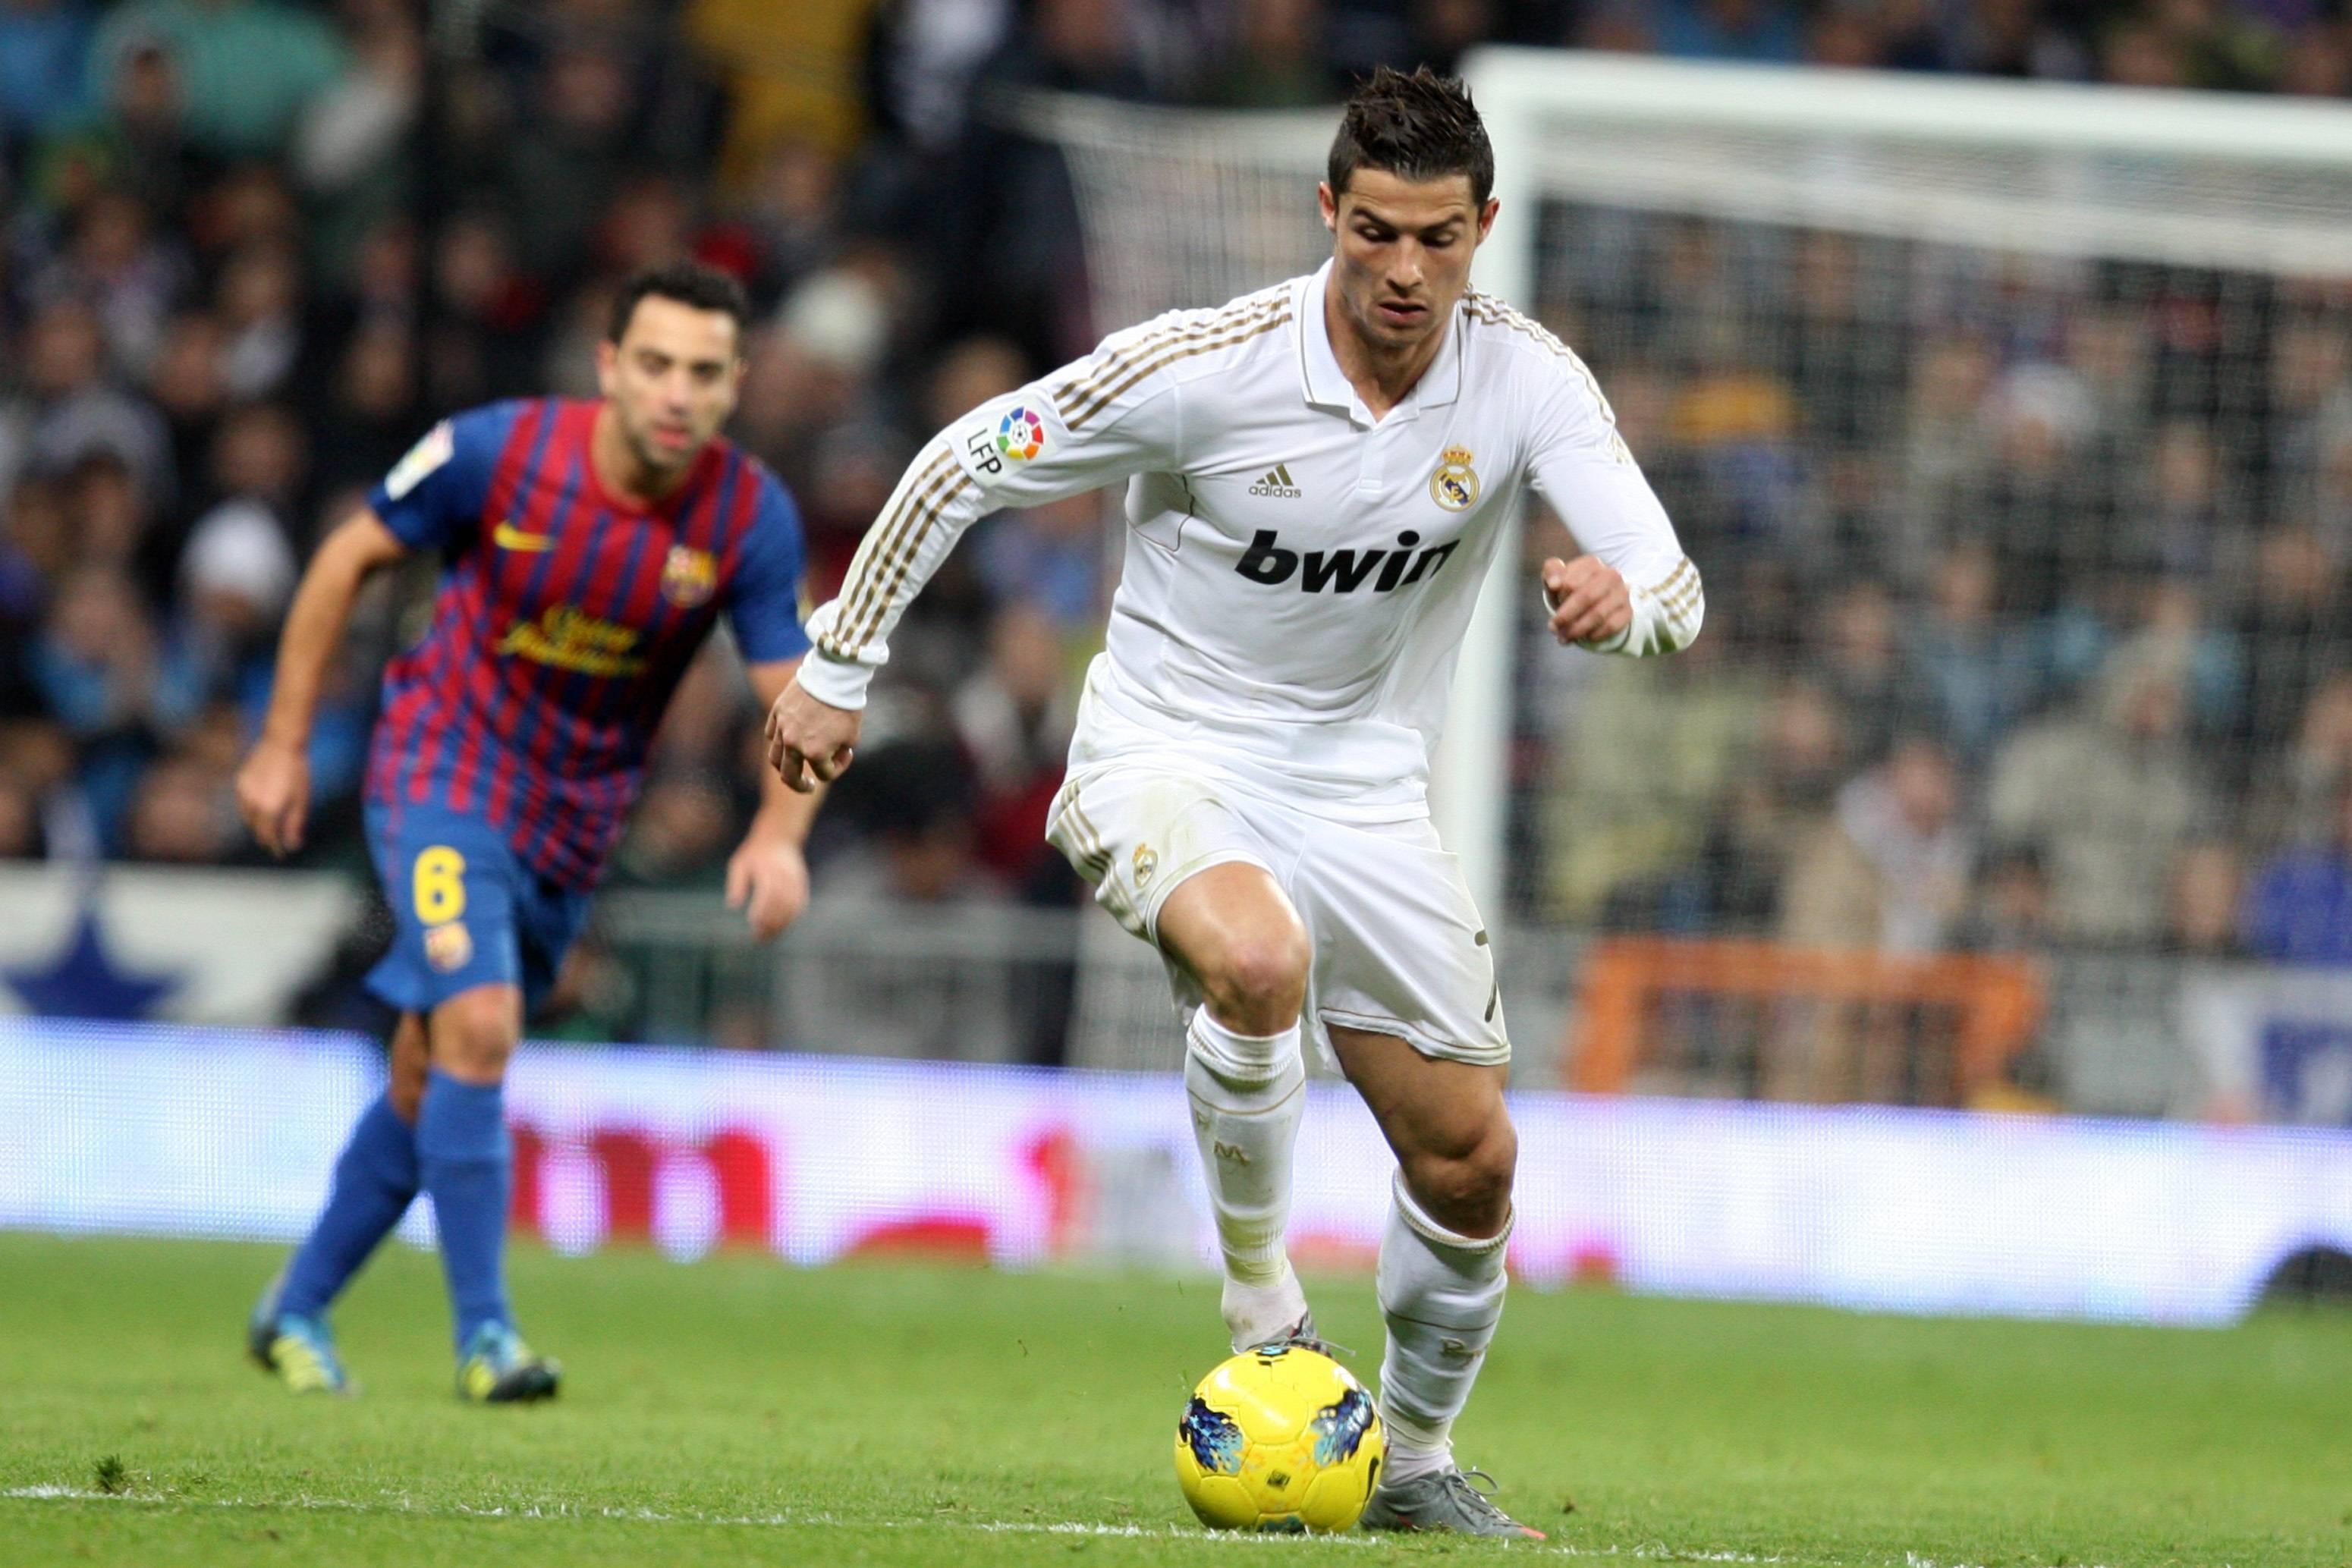 Самые быстрые футболисты в мире: топ-10 лучших спринтеров